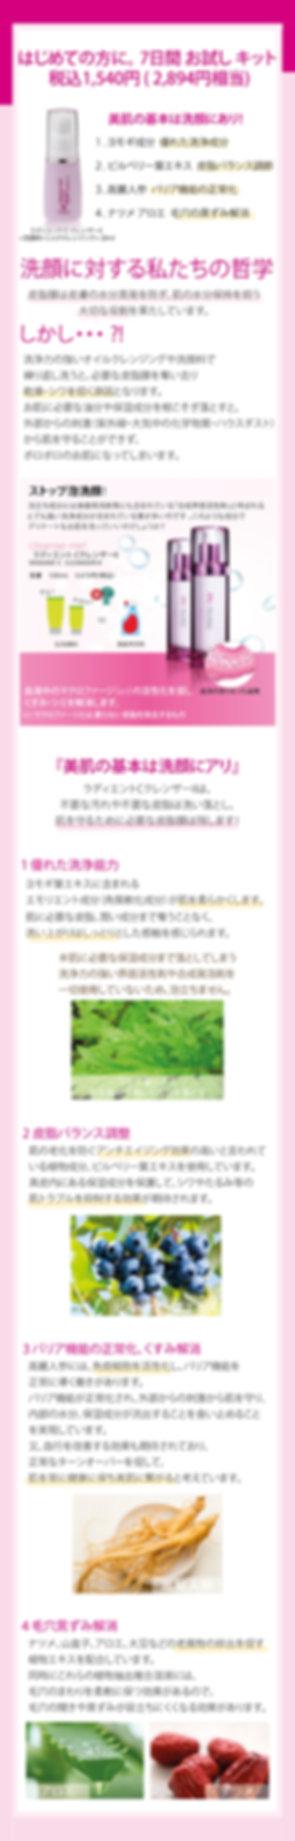 starter_long2_1_enokida-01.jpg